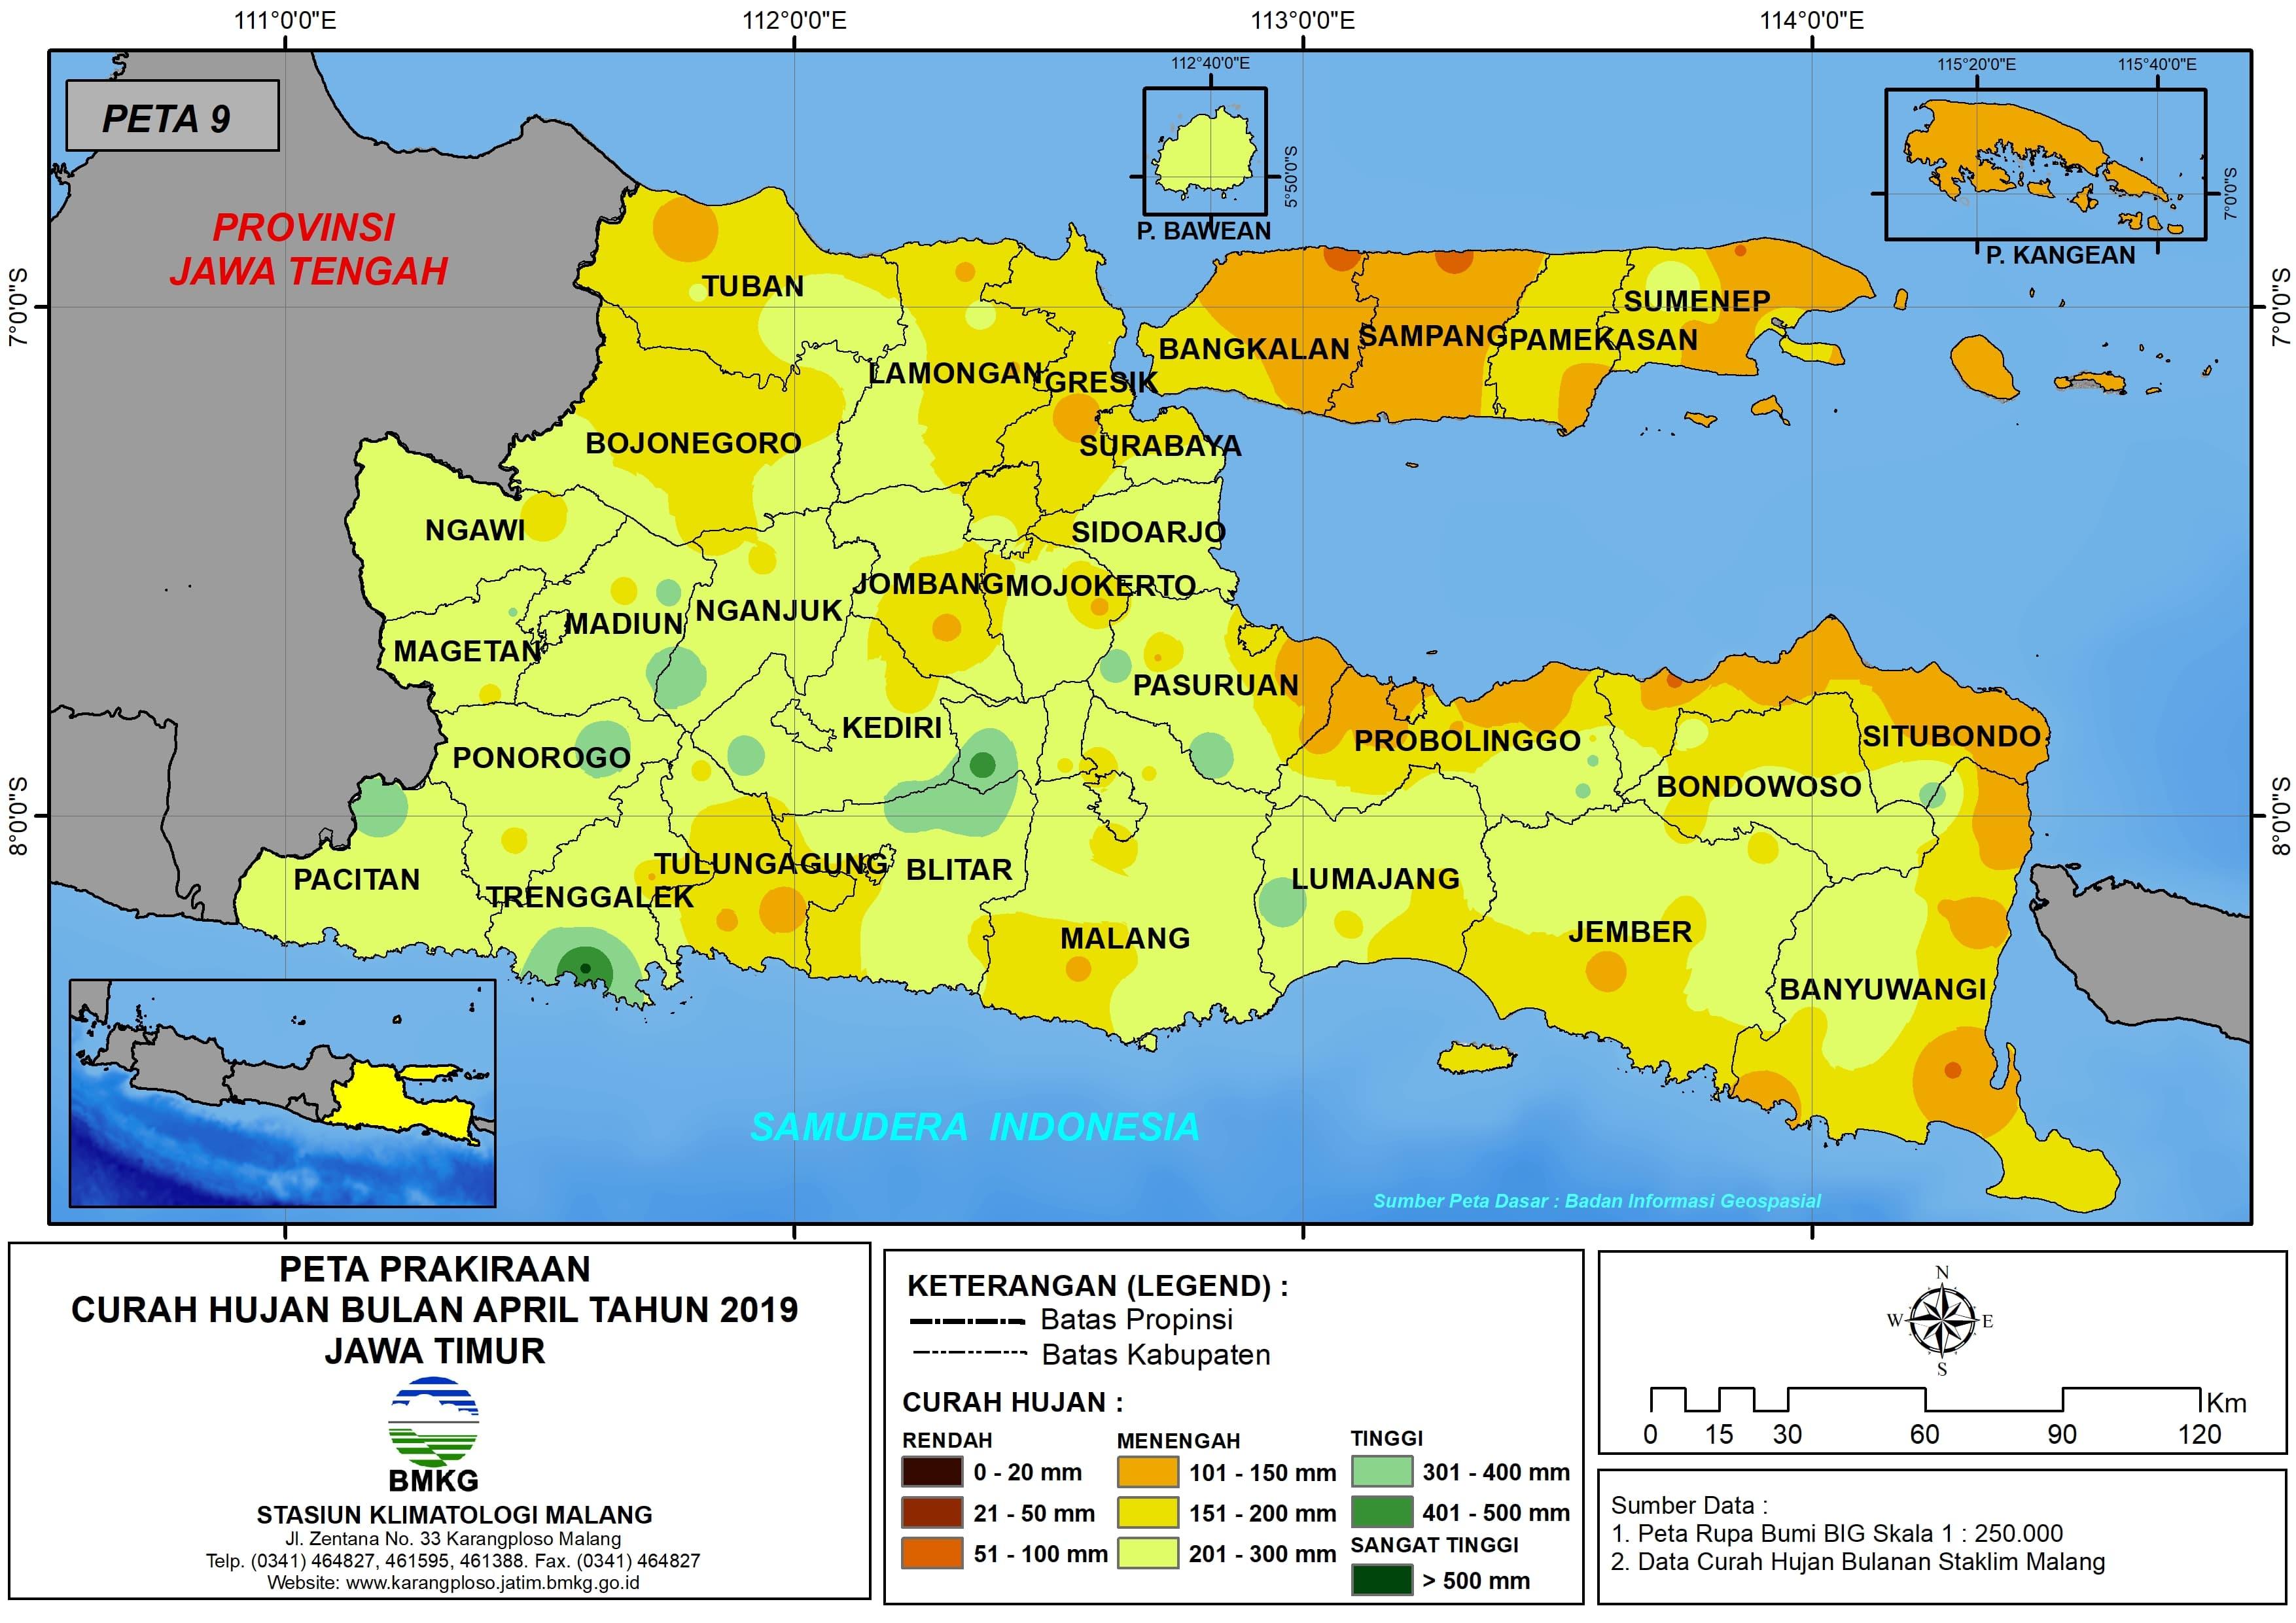 Prakiraan Curah Hujan Bulan April Tahun 2018 di Provinsi Jawa Timur Update dari Analisis Bulan Desember 2018